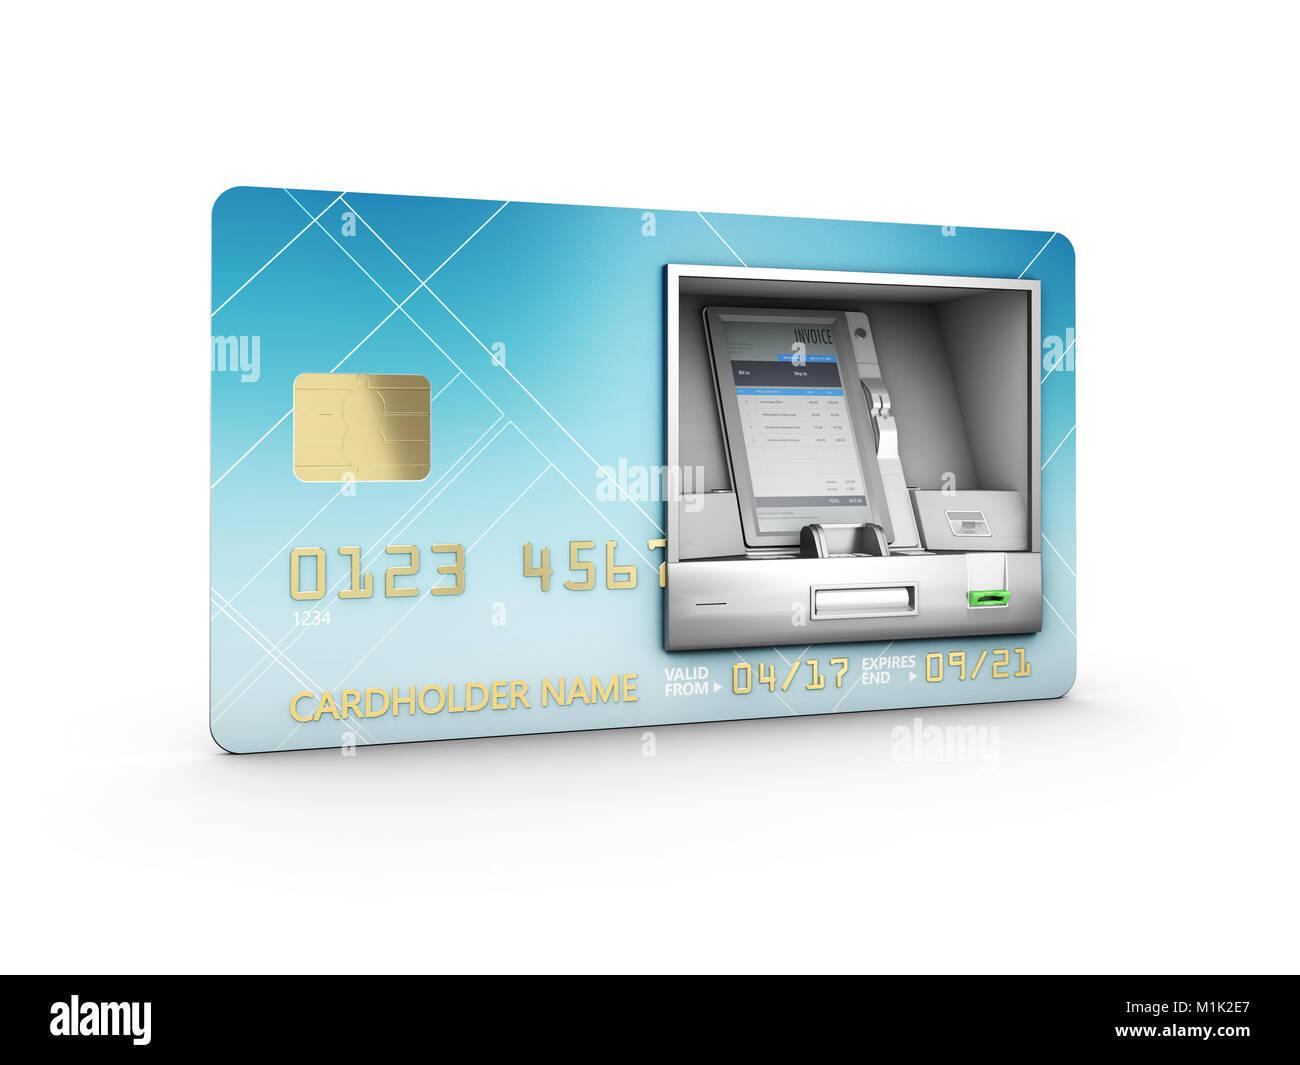 Dispenser|money Stockfotos & Dispenser|money Bilder - Alamy